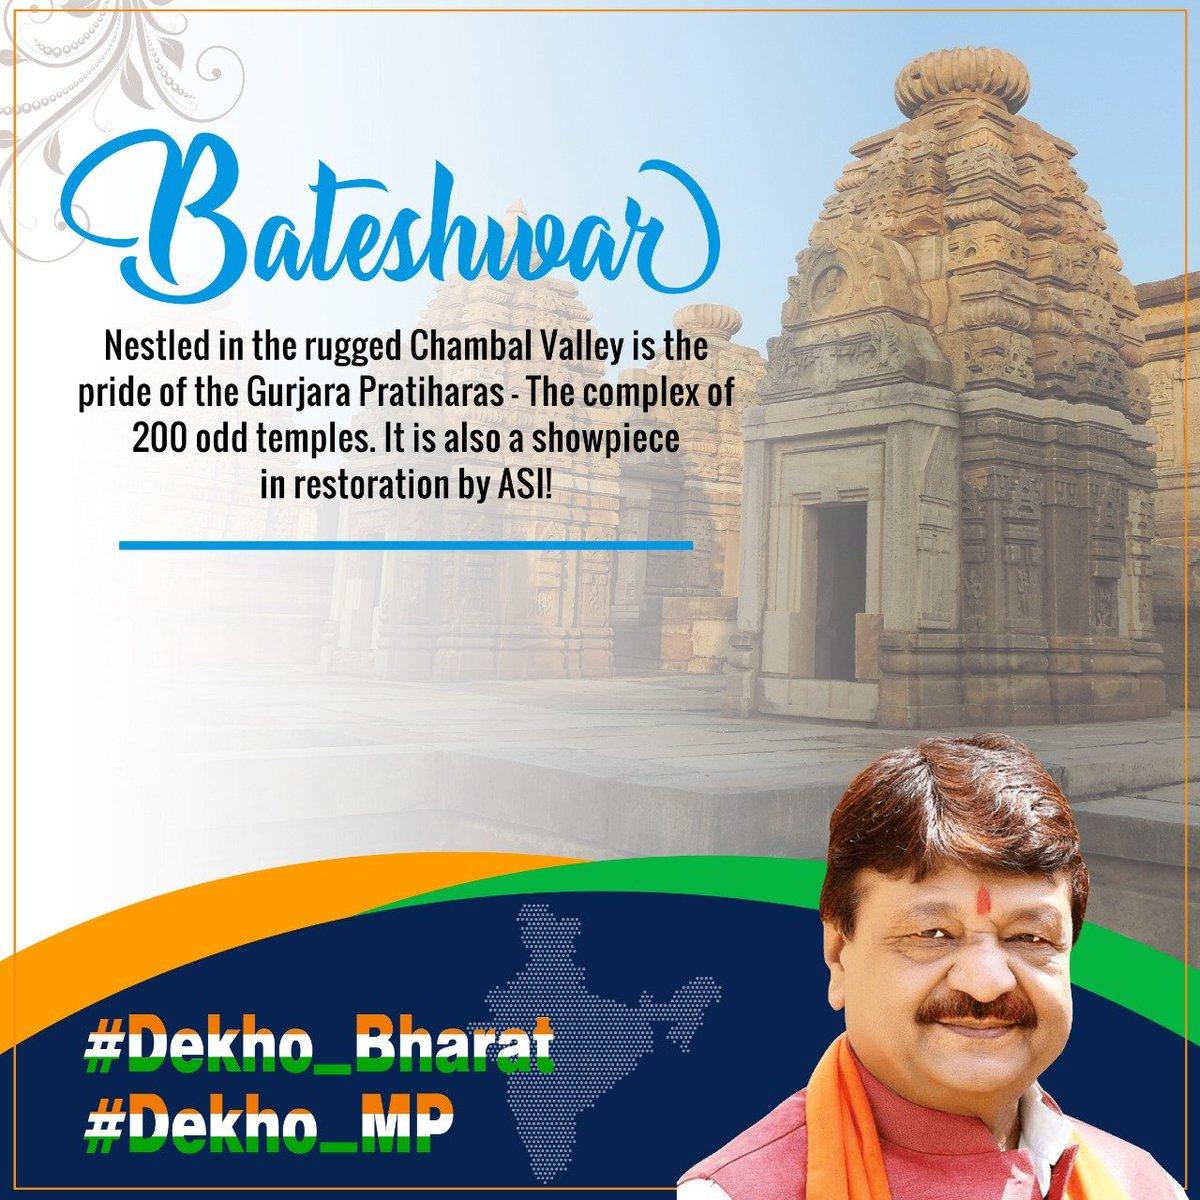 #Dekho_Bharat #देखो_भारत श्रृंखला में आज का स्थान है #बटेश्वरम.प्र. के मुरैना जिले में गुर्जर राजाओं के द्वारा निर्मित लगभग 200 बलुआ पत्थर से बने हिंदू मंदिर है, ये मंदिर समूह उत्तर भारतीय मंदिर वास्तुकला की शुरुआती गुर्जर-प्रतिहार शैली के मंदिर समूह हैं।#Dekho_MP #देखो_एमपी